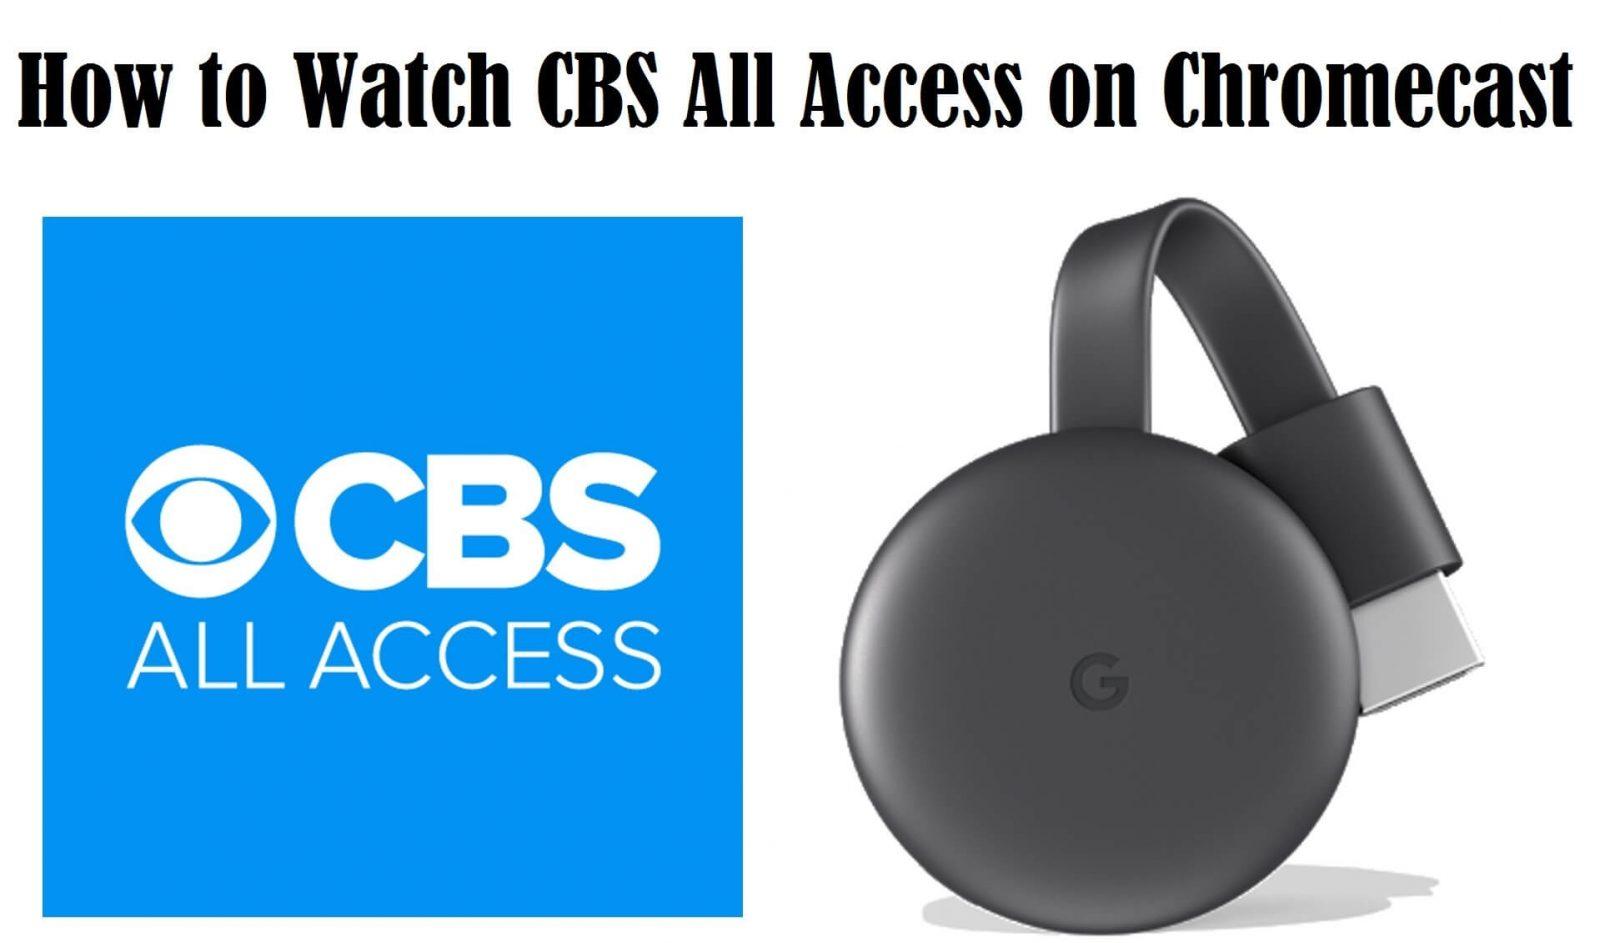 CBS All Access Chromecast